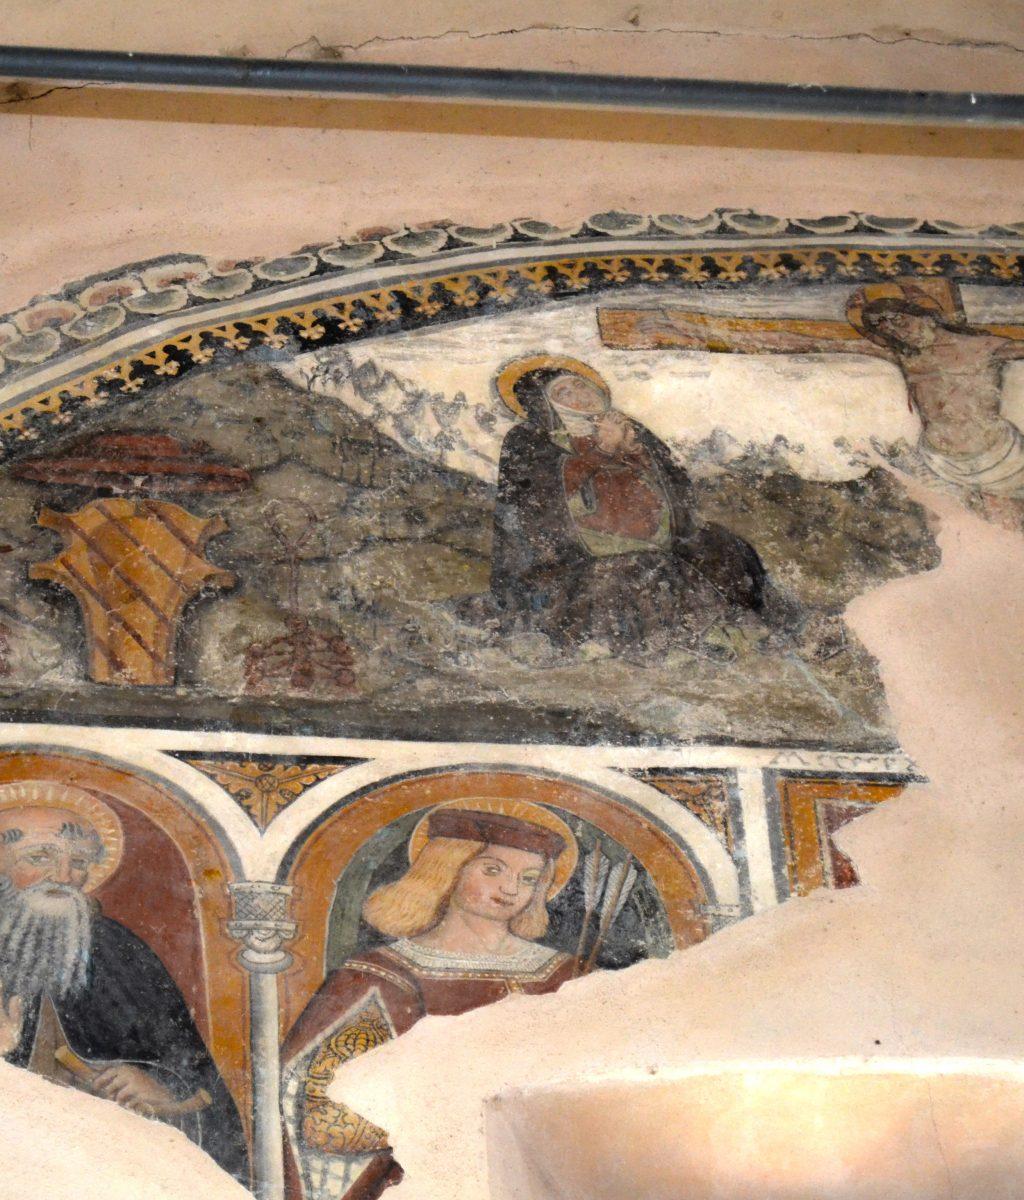 Un dettaglio dell'affresco in San Sebastiano